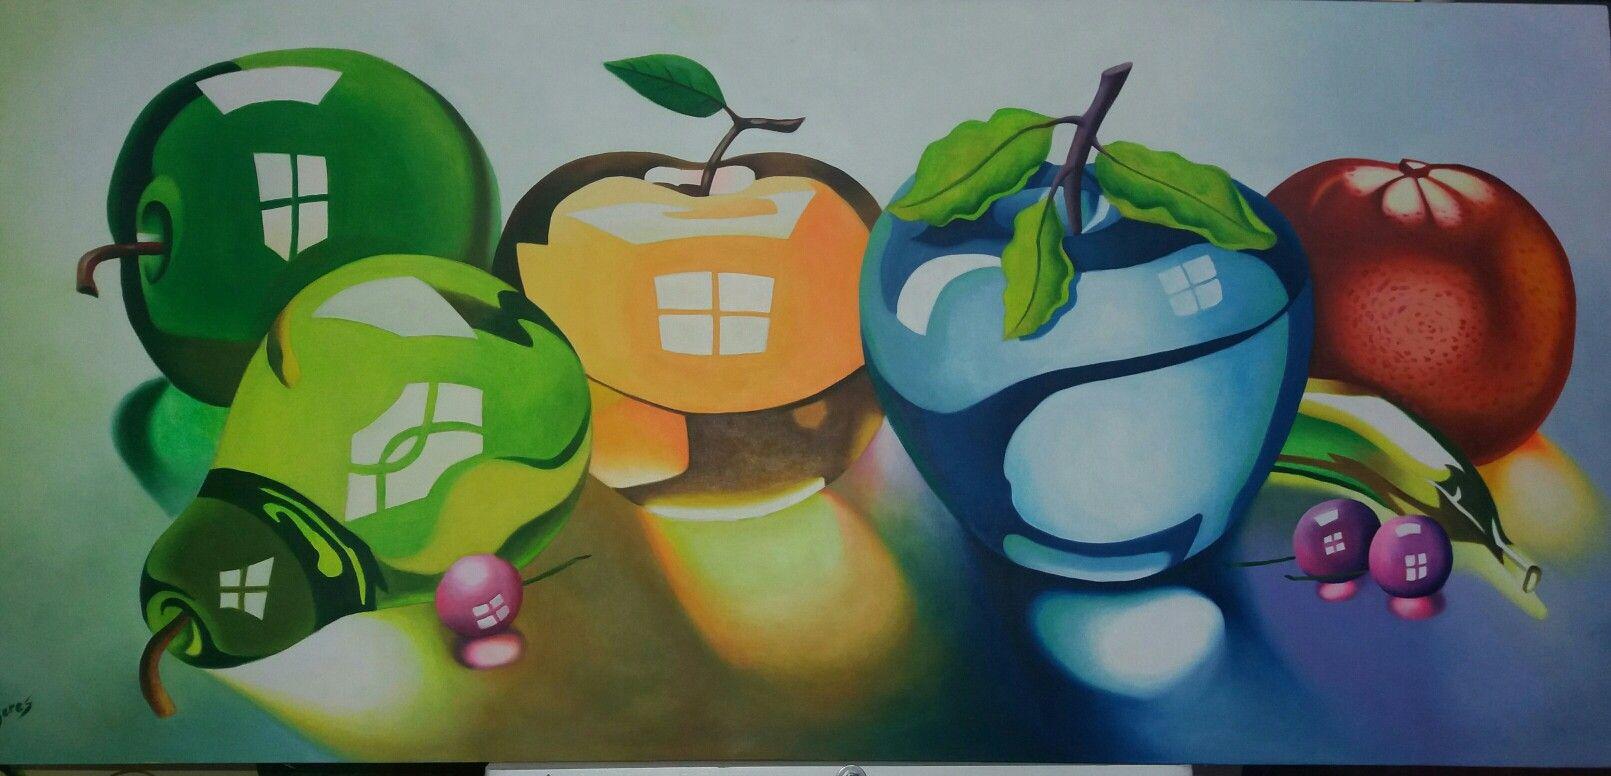 Frutas de cristal al oleo Frutas cristal oleo Pinterest 3d